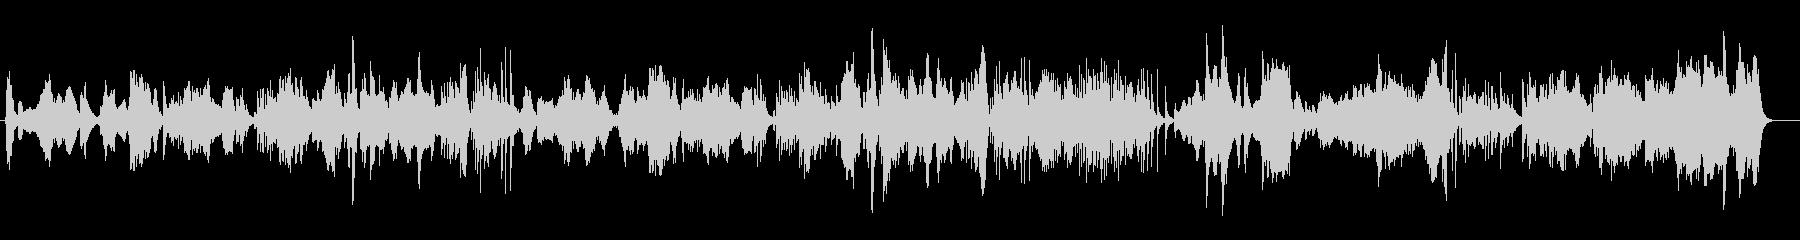 伝統的な日本の音楽をイメージした楽曲の未再生の波形